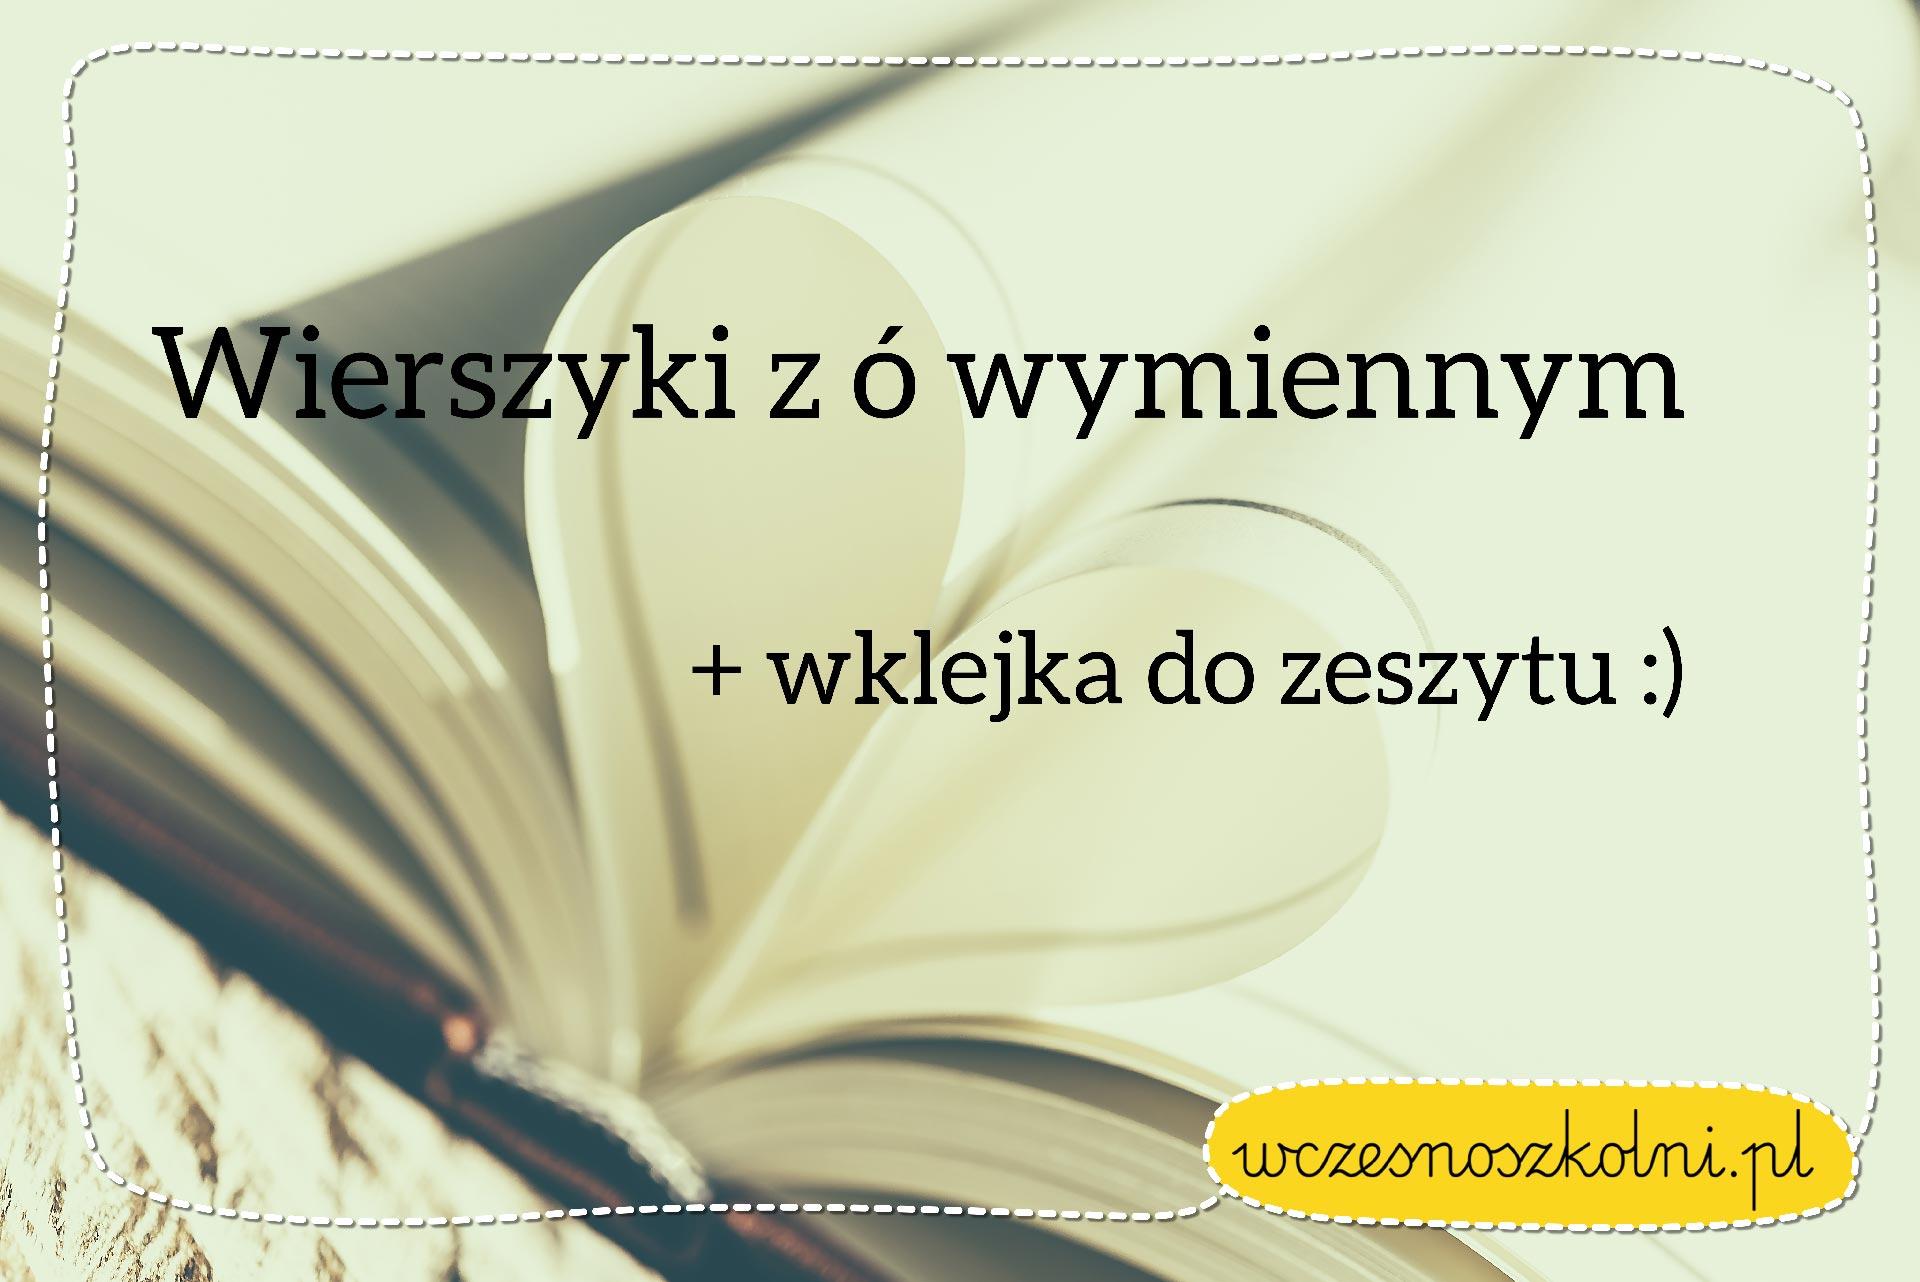 Wierszyki Ortograficzne Z ó Wymiennym